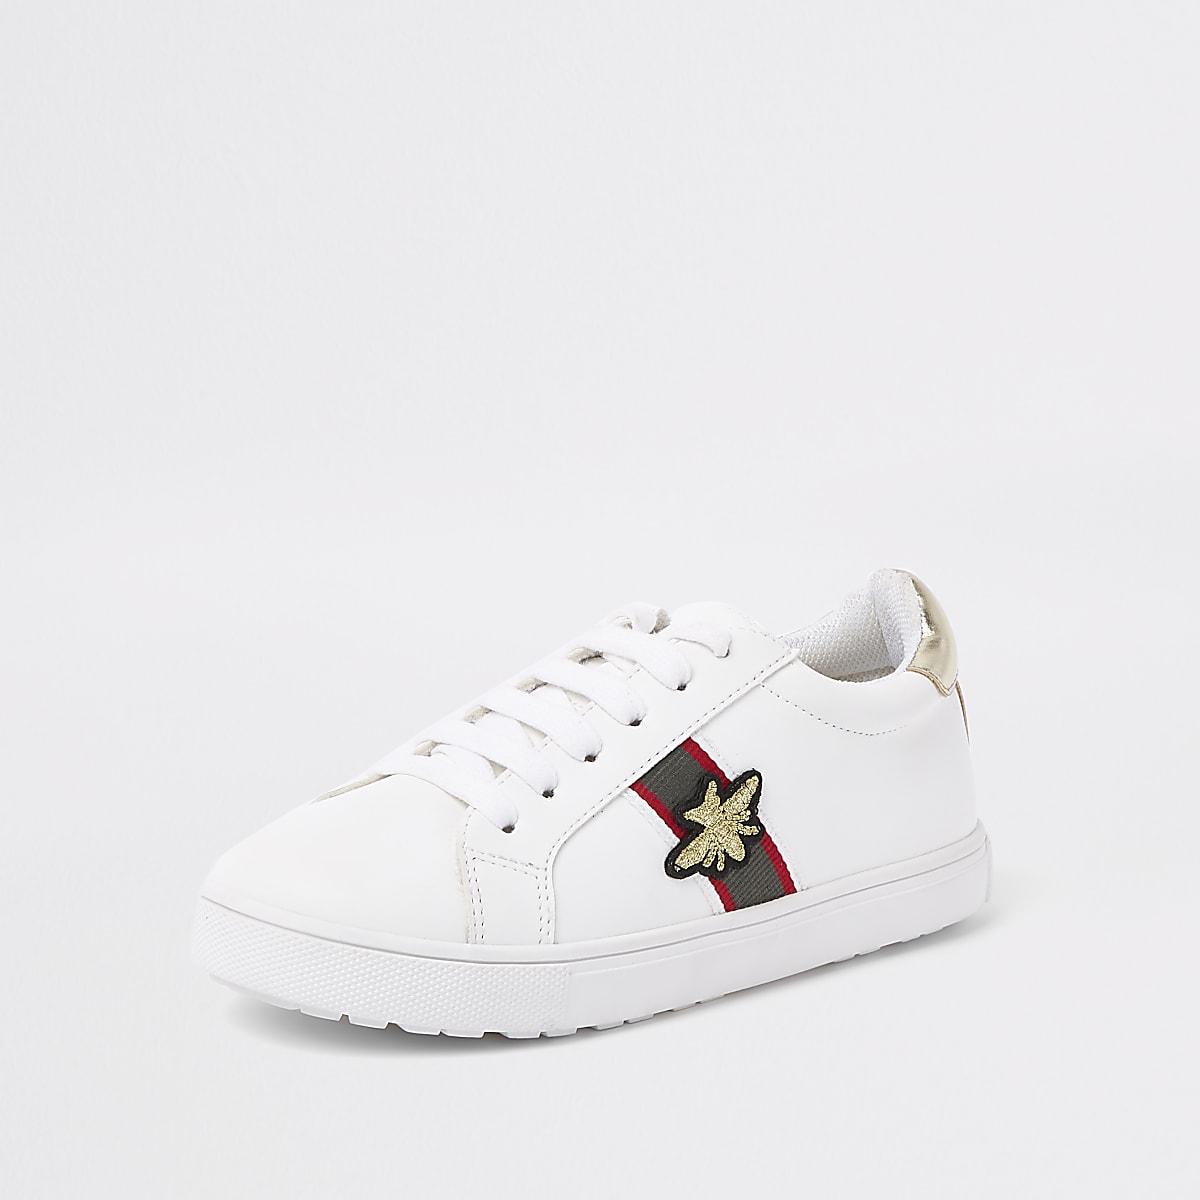 86c66d3872c Witte gestreepte gympen met bijenprint voor meisjes - Sneakers ...